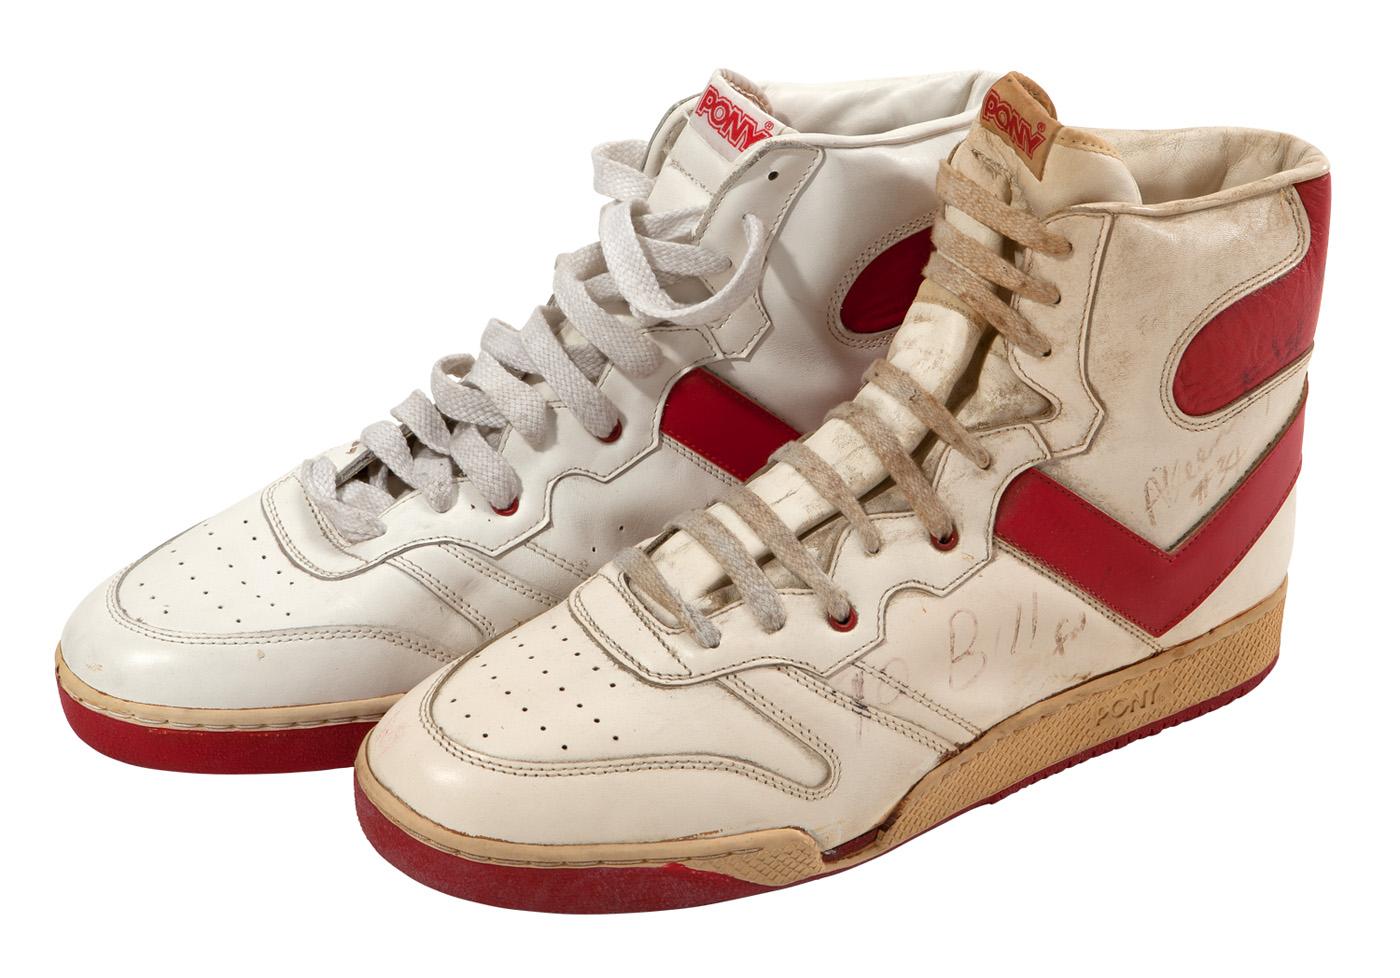 Hakeem Olajuwon Shoes Hakeem olajuwon game worn and